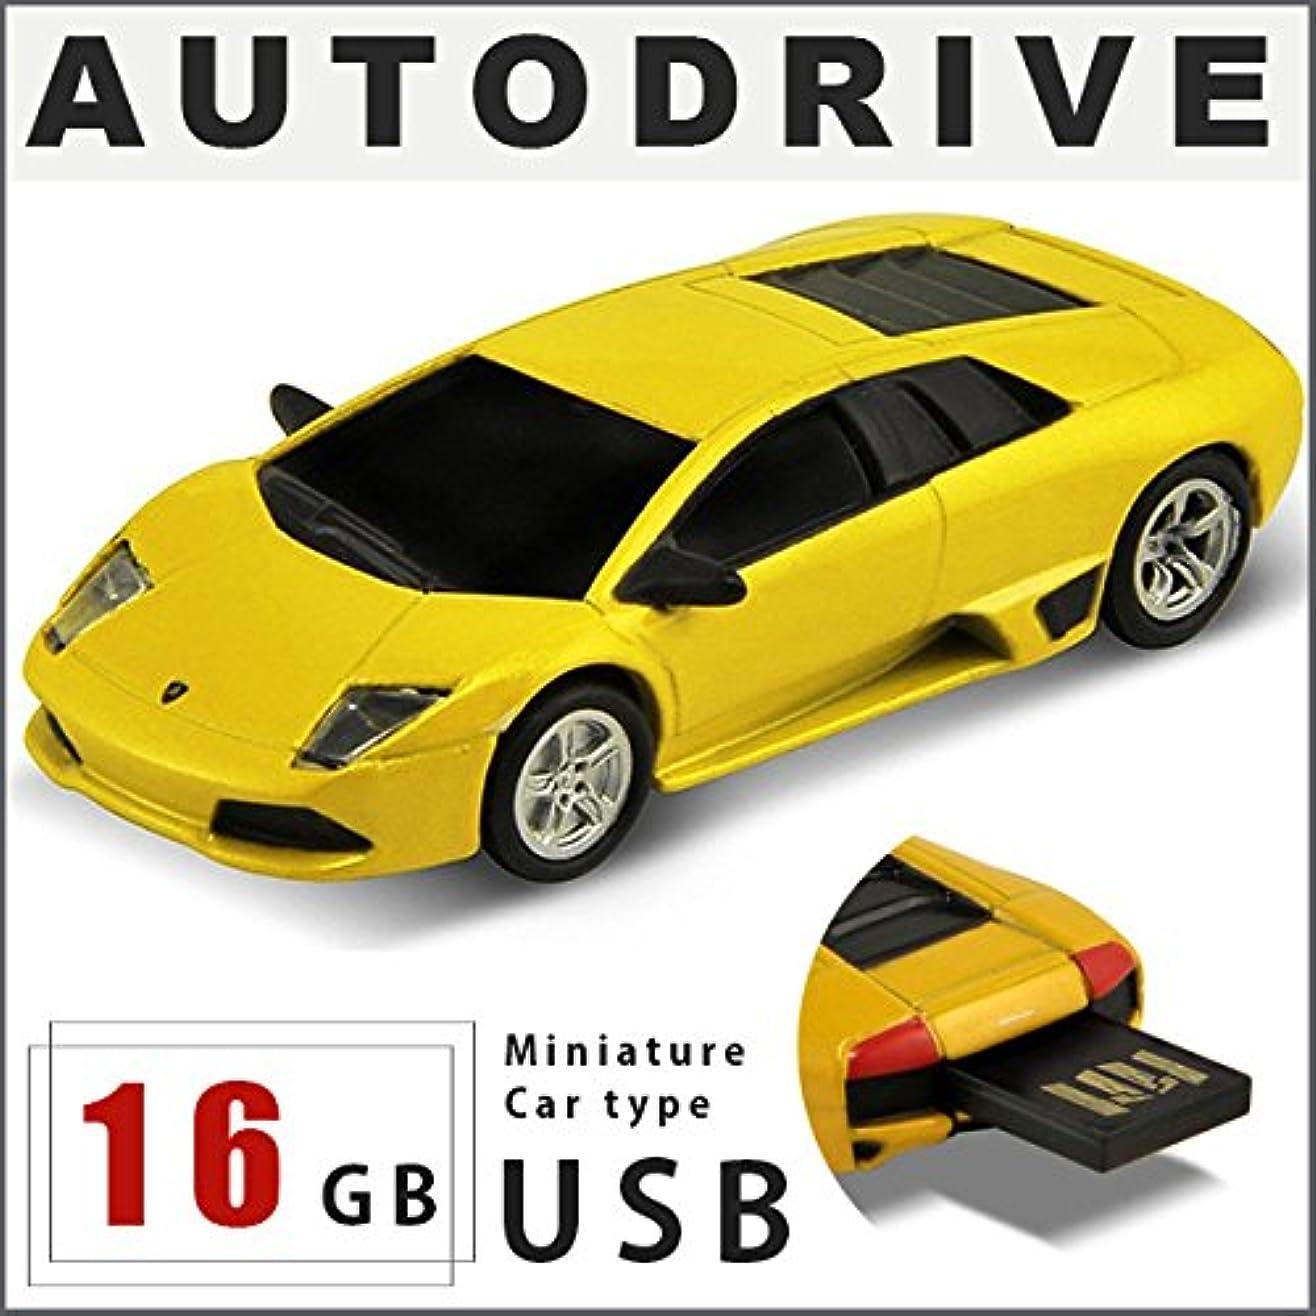 条件付き失反発AUTODRIVE オートドライブ USBメモリー Lamborgini Murcielago ランボルギーニ ムルシエラゴ イエロー 黄 USBメモリ 16GB